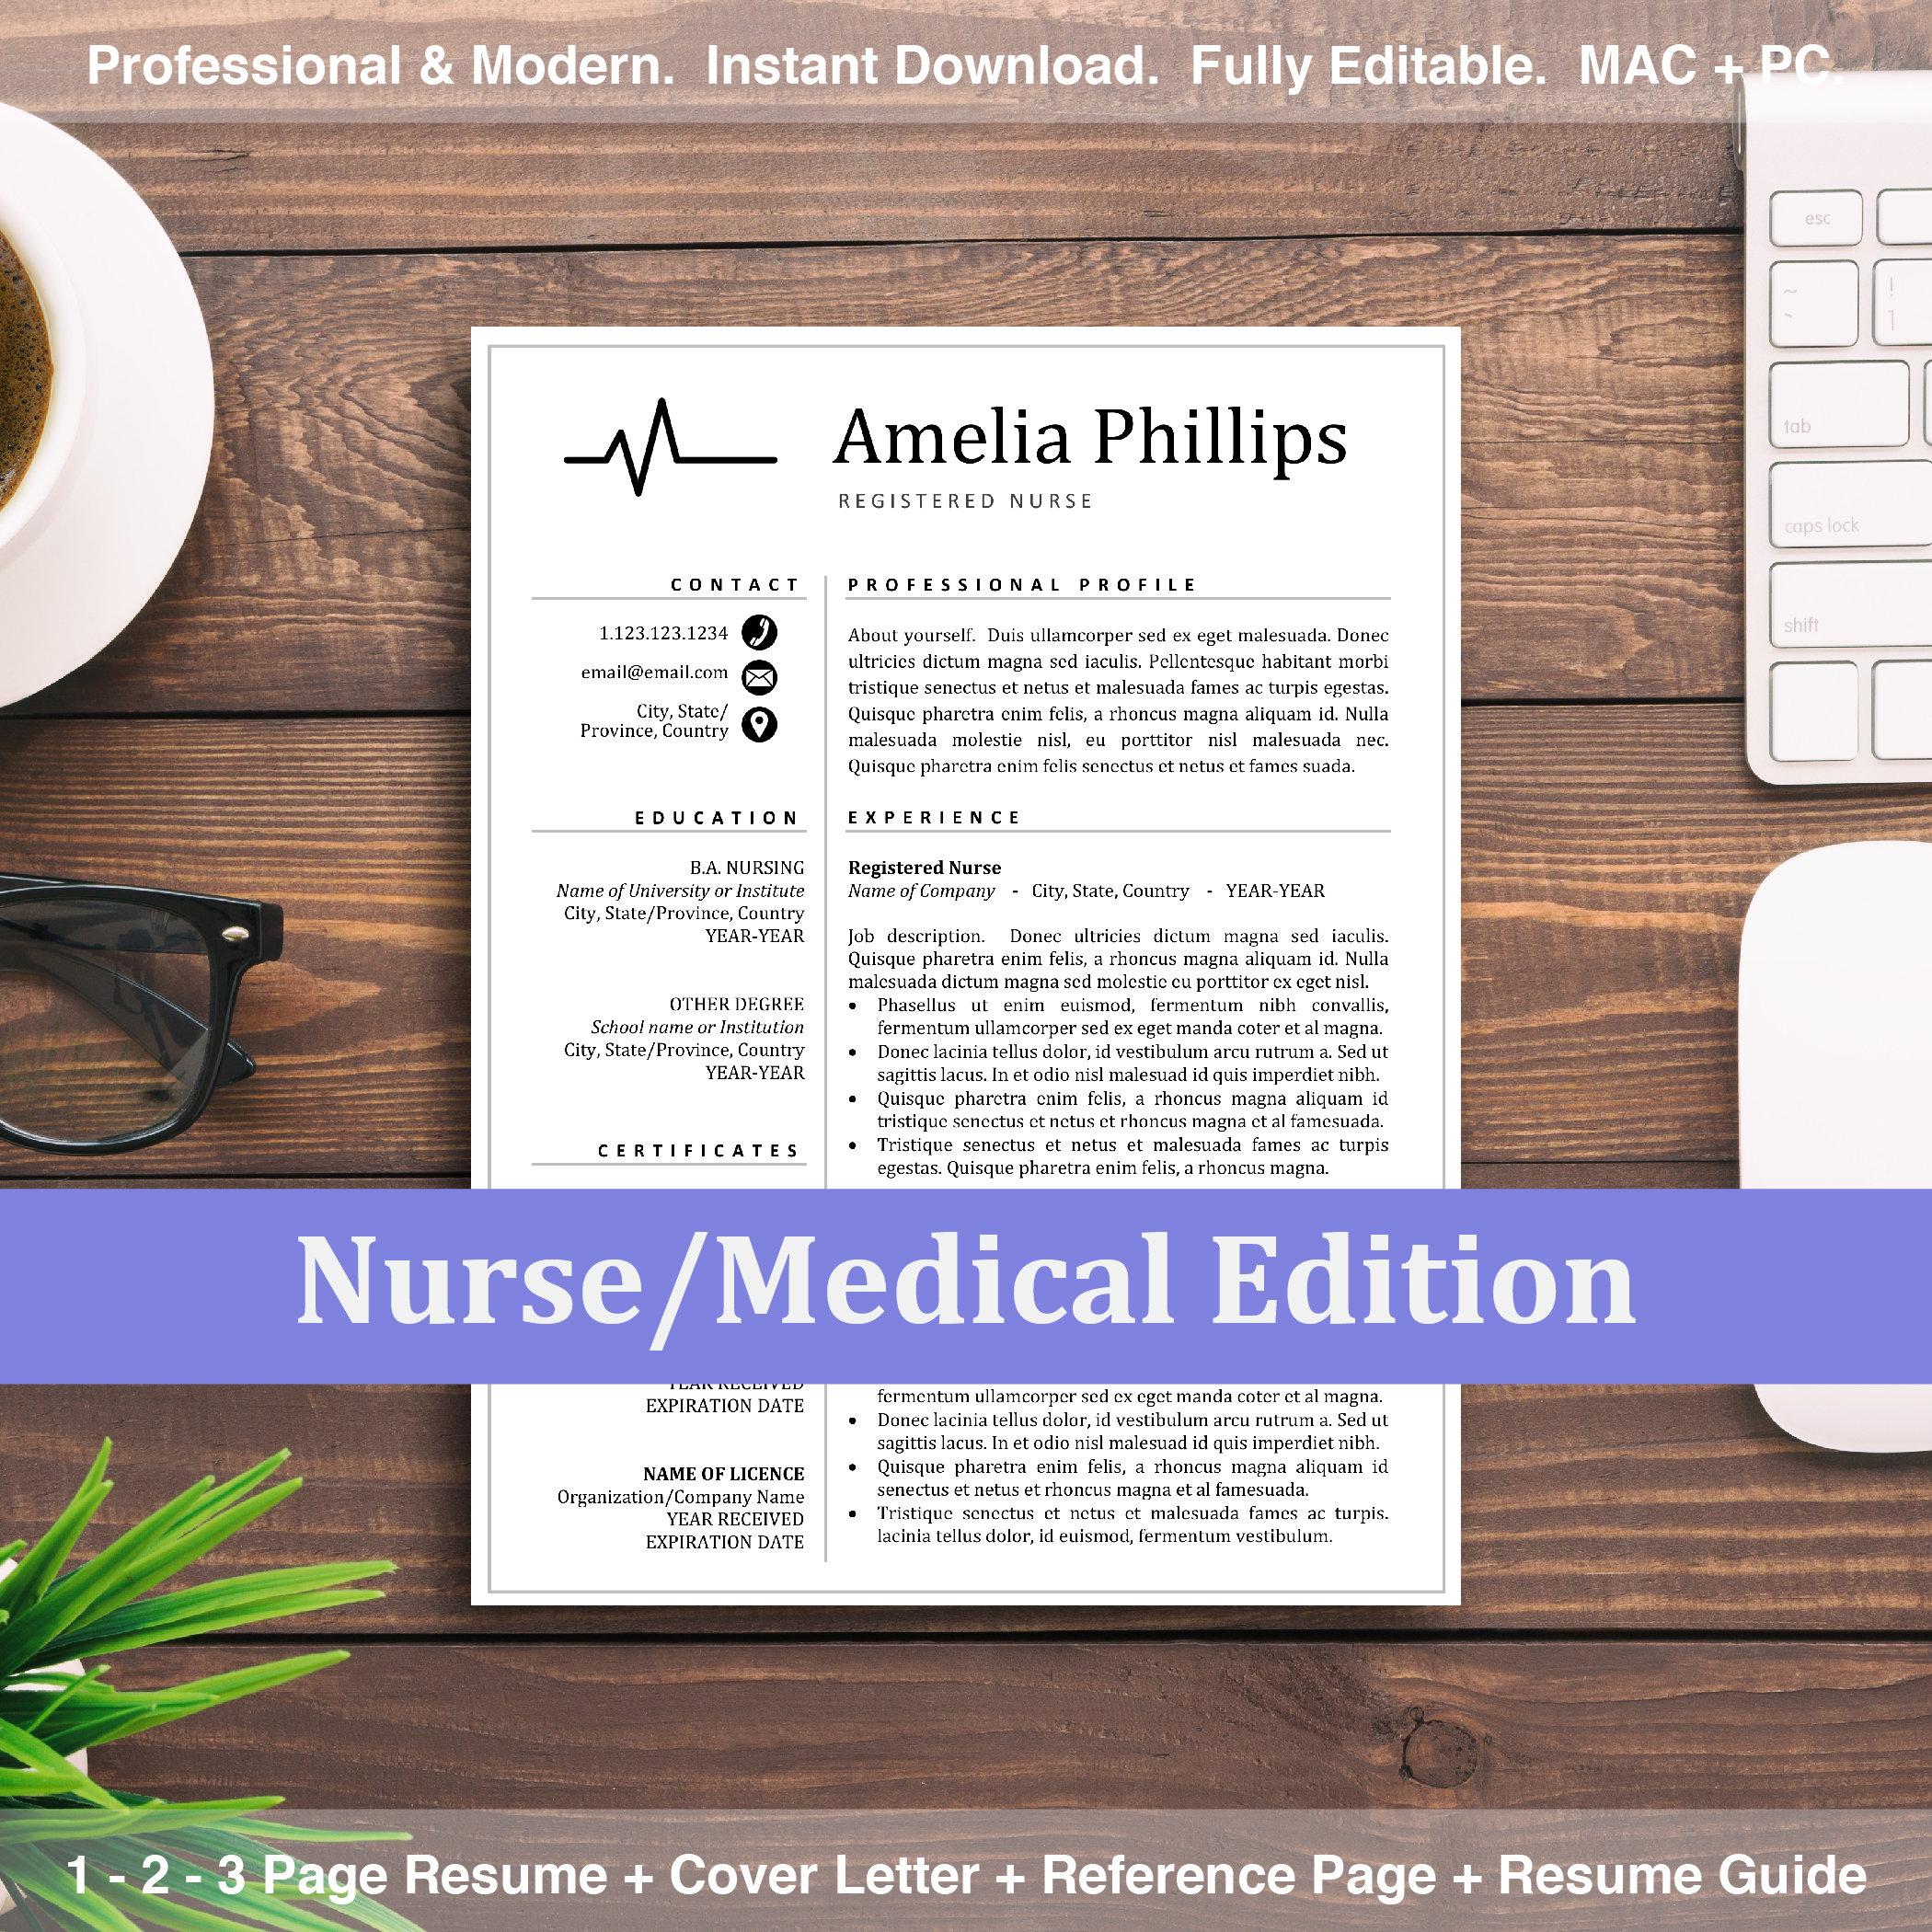 Nurse Resume CV Template Design for MS Word and Mac Pages, Registered RN  Resumes Instant Download, Healthcare Doctor Emt Nursing Resumes